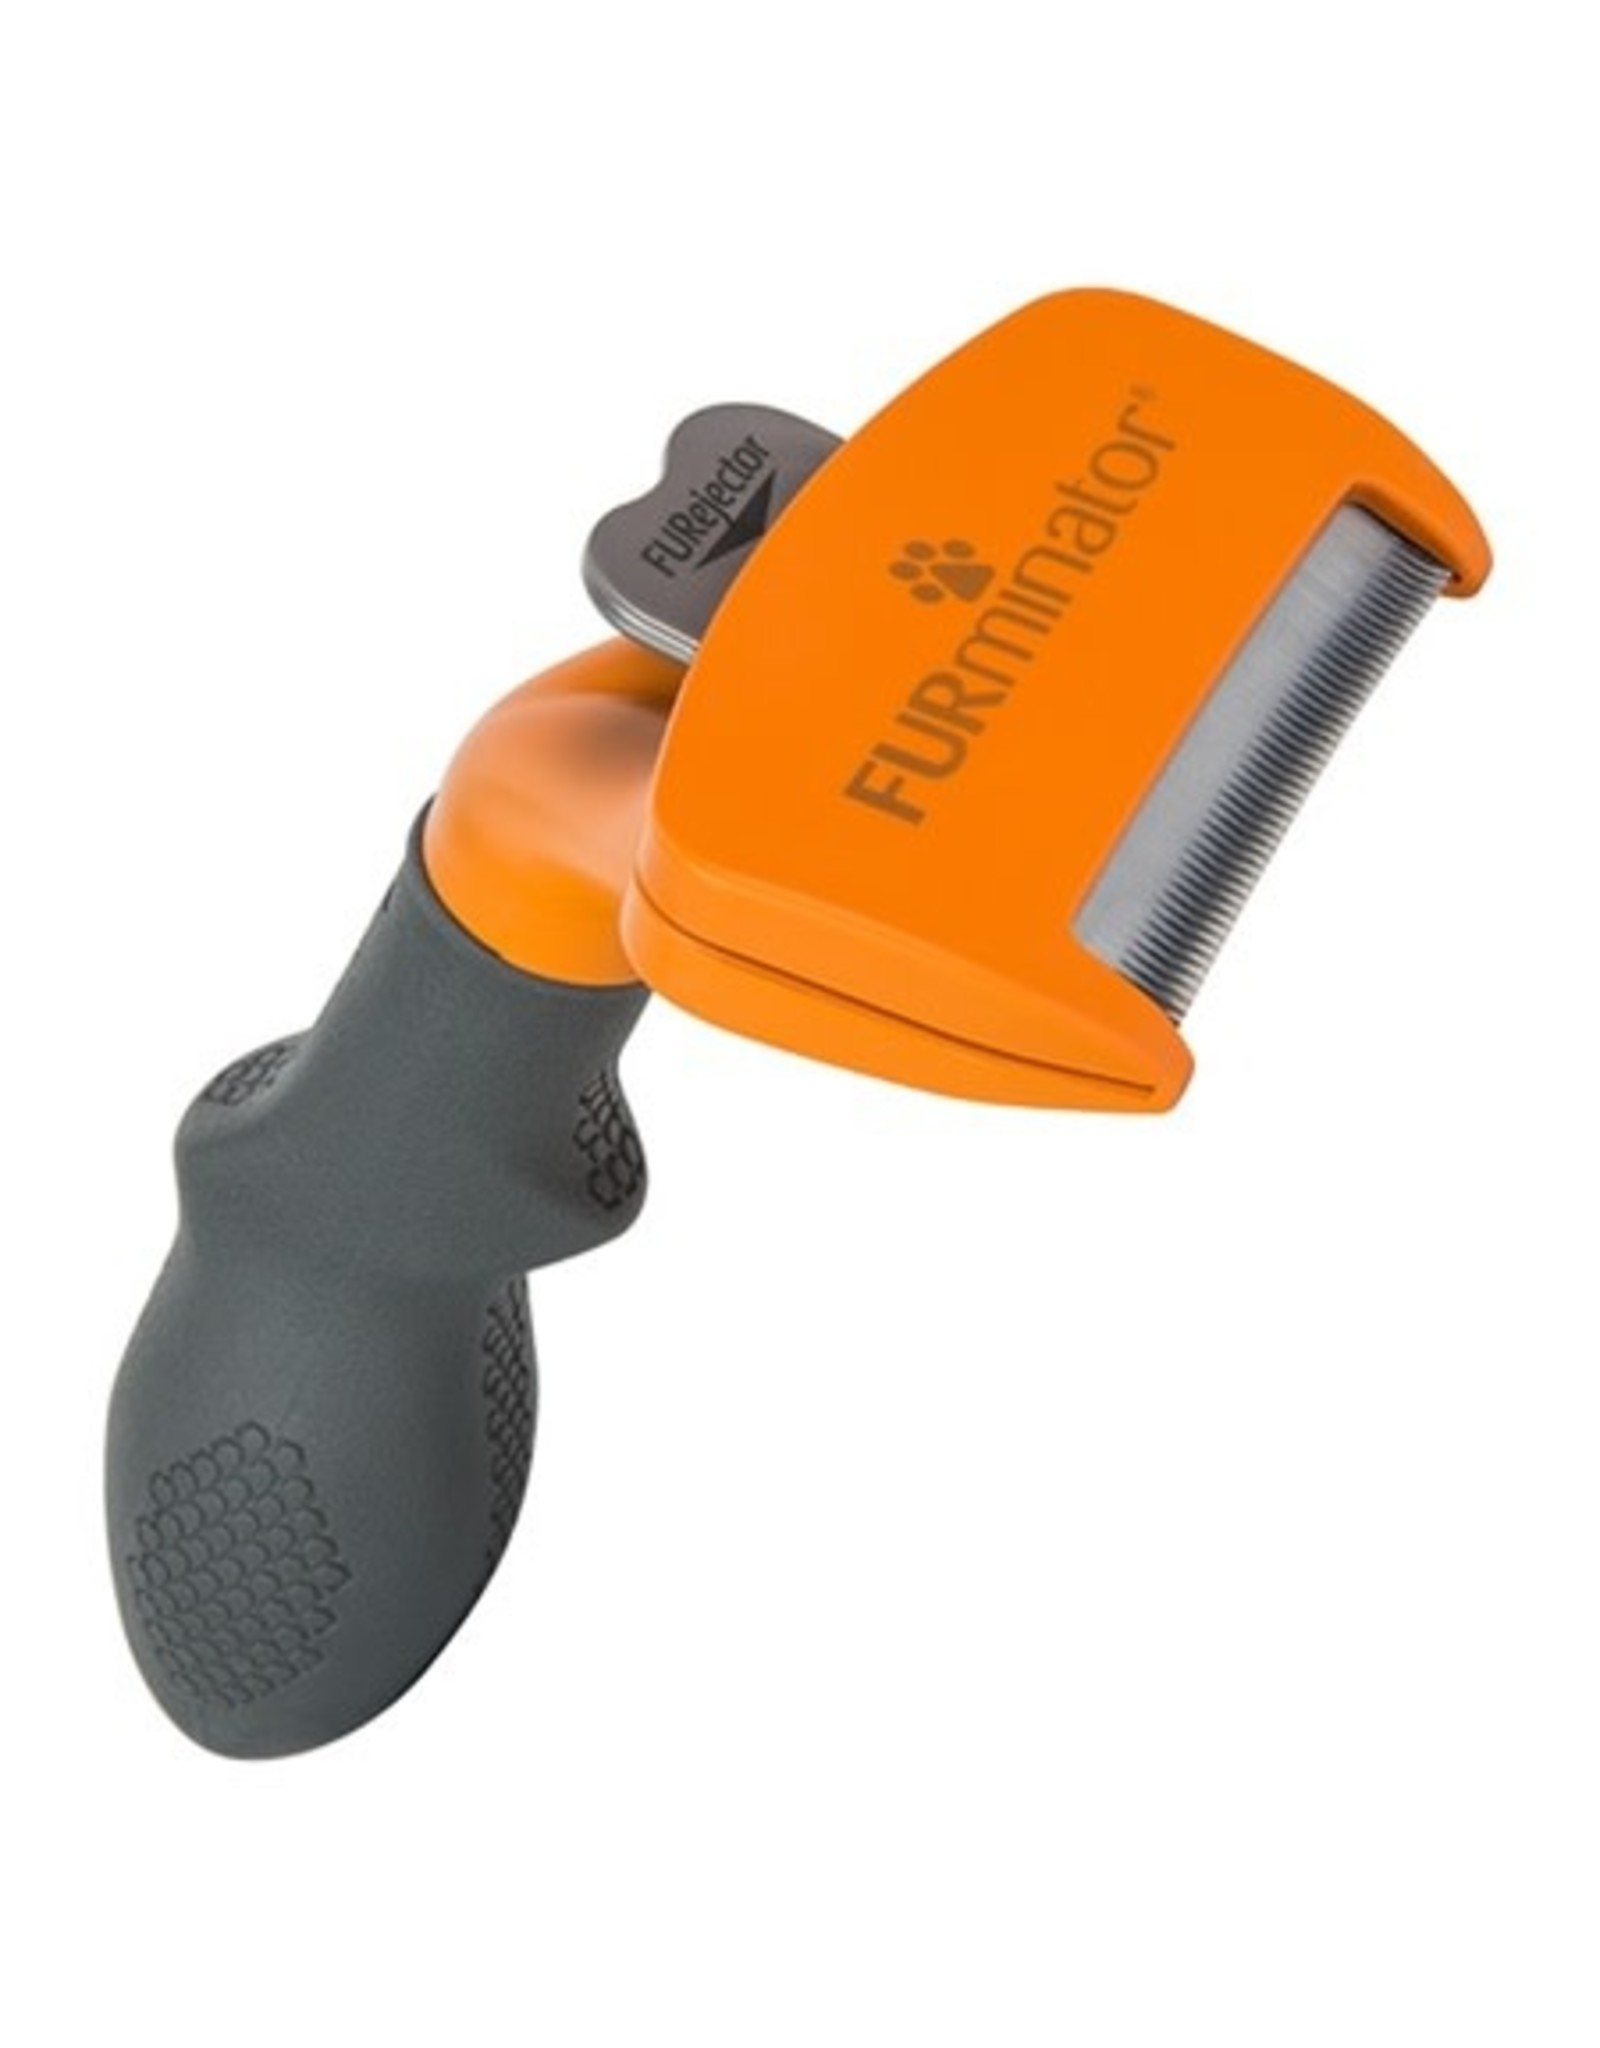 Furminator deShedding tool: Short Hair, Medium